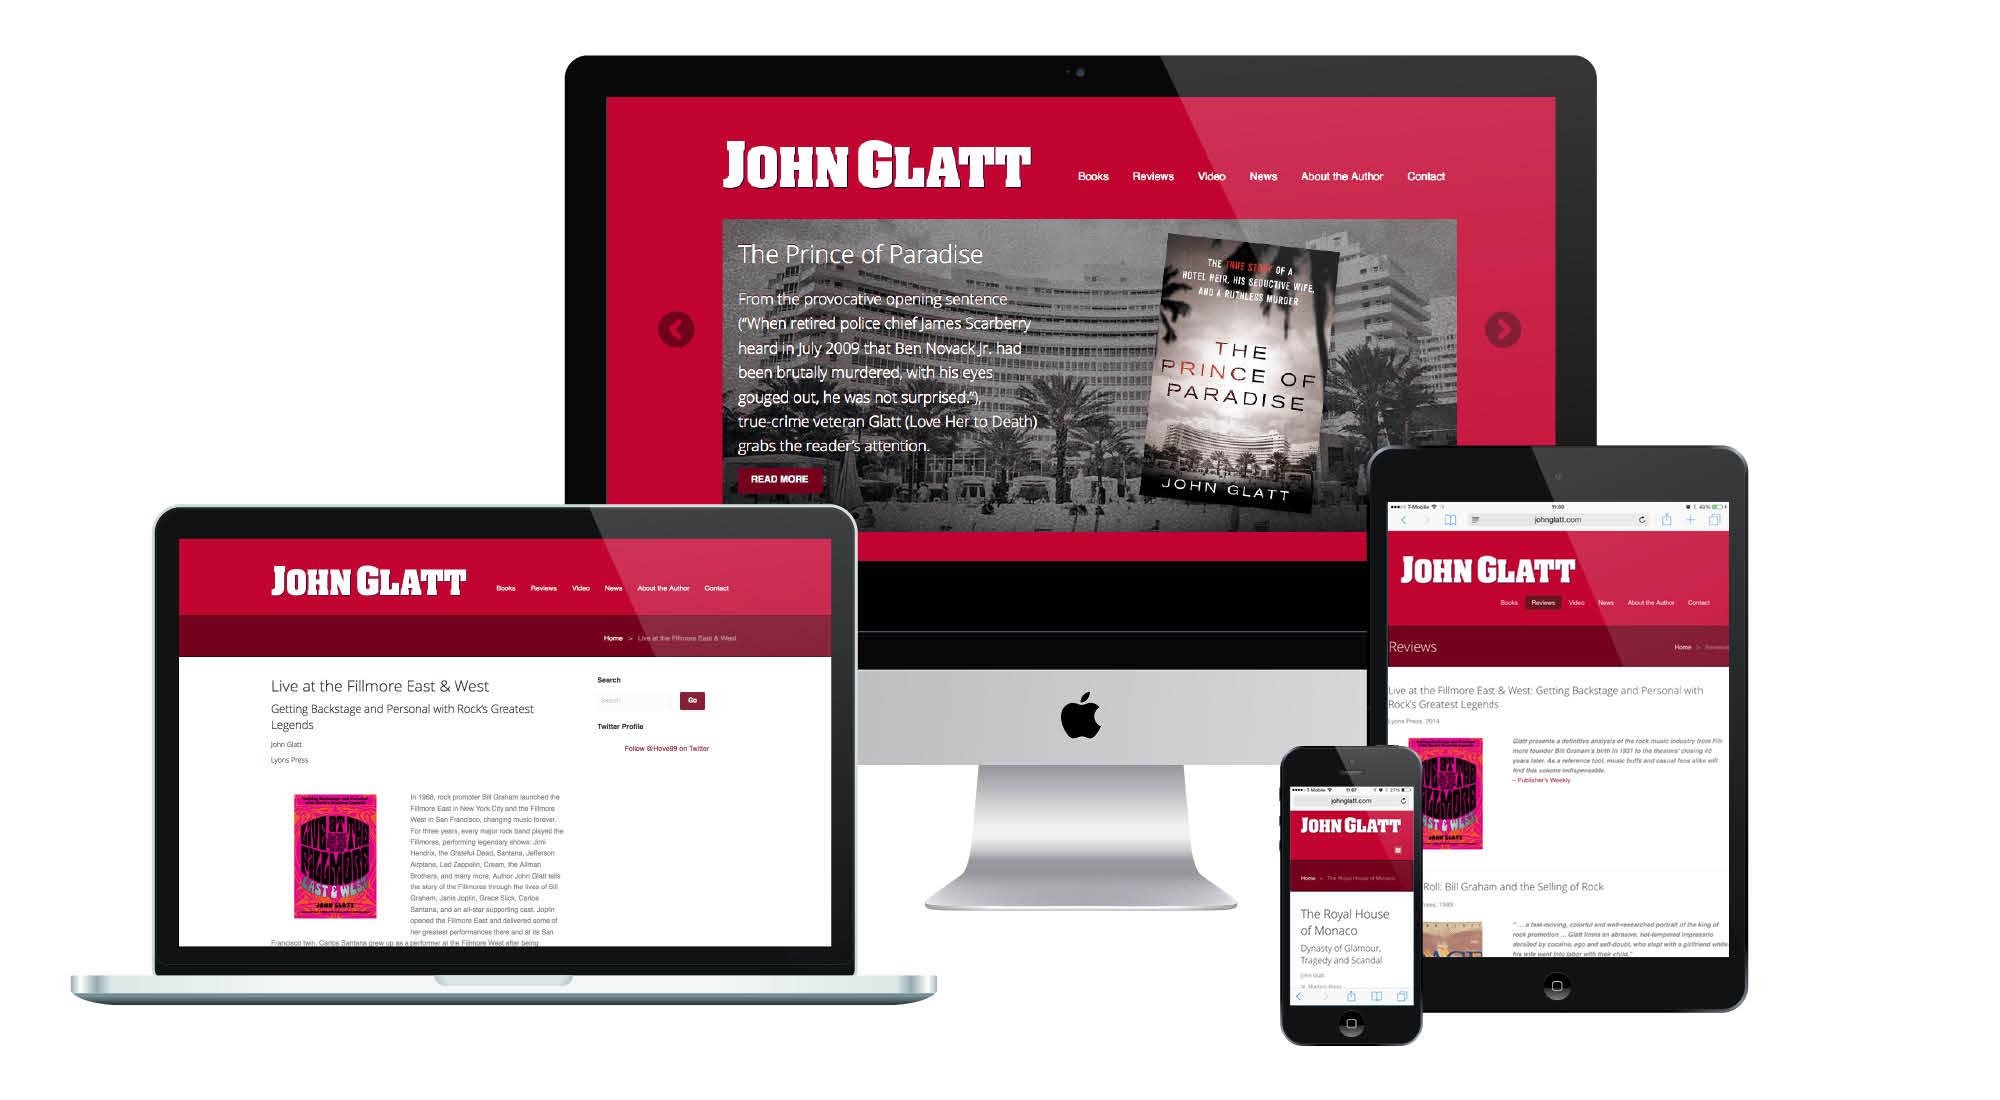 John Glatt Website